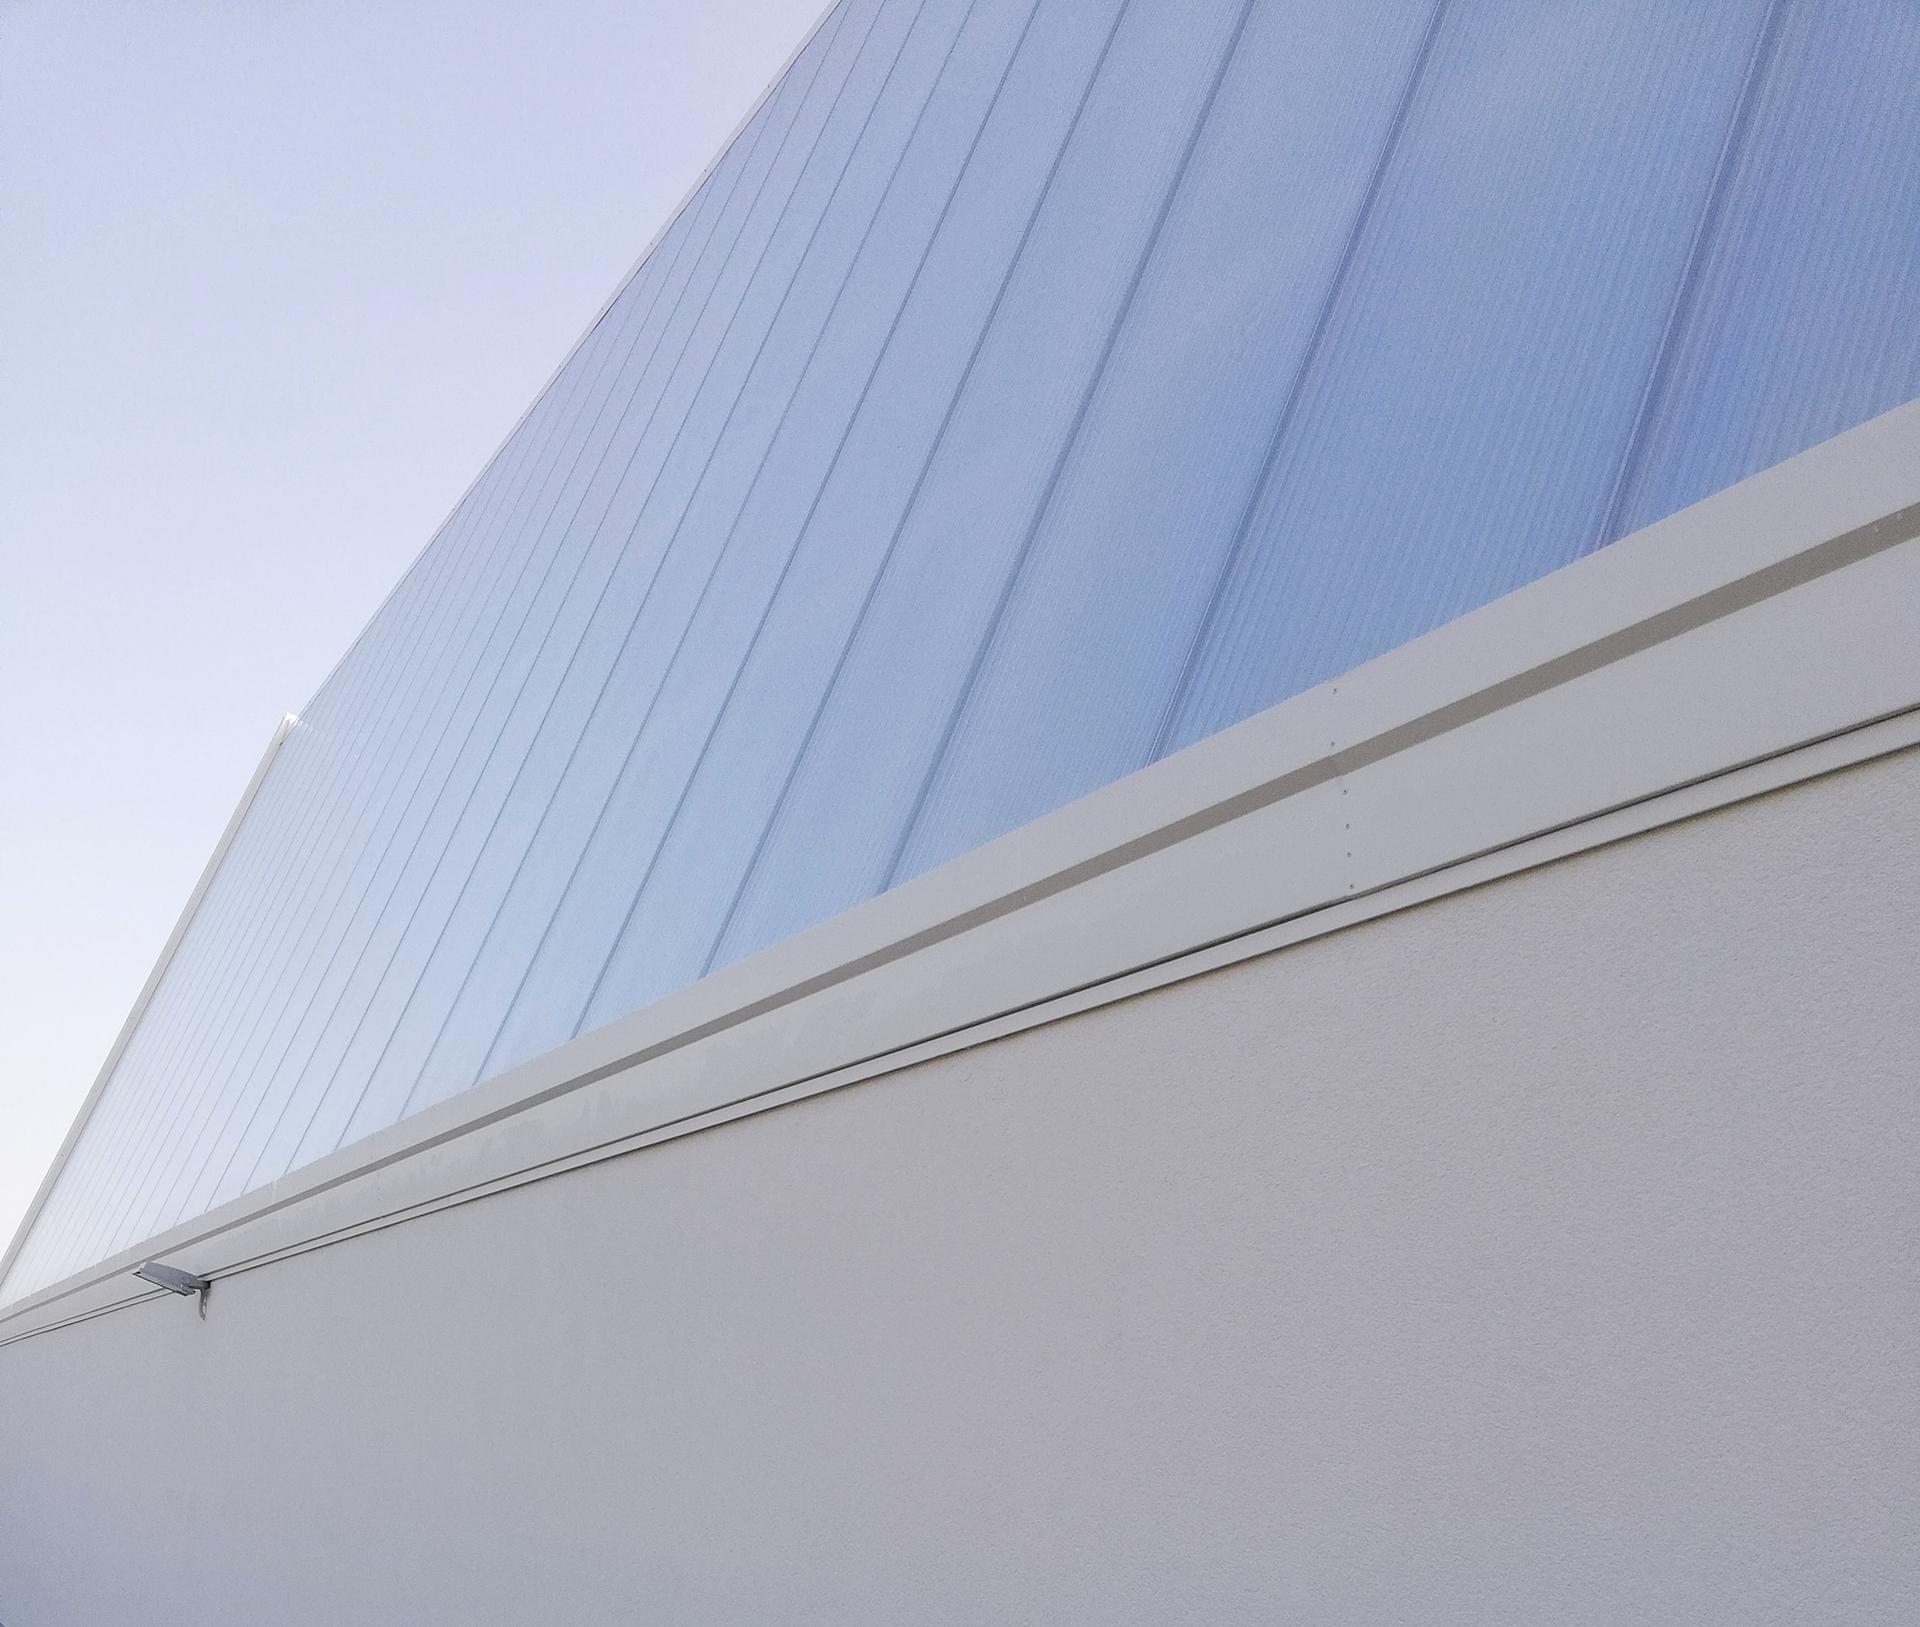 scuola materna e palestra. La palestra viene illuminata nel fronte Nord mediante l'ampia parete in policarbonato color bianco latte. Frutto di un attento studio della illuminazione naturale dell'ambiente interno.